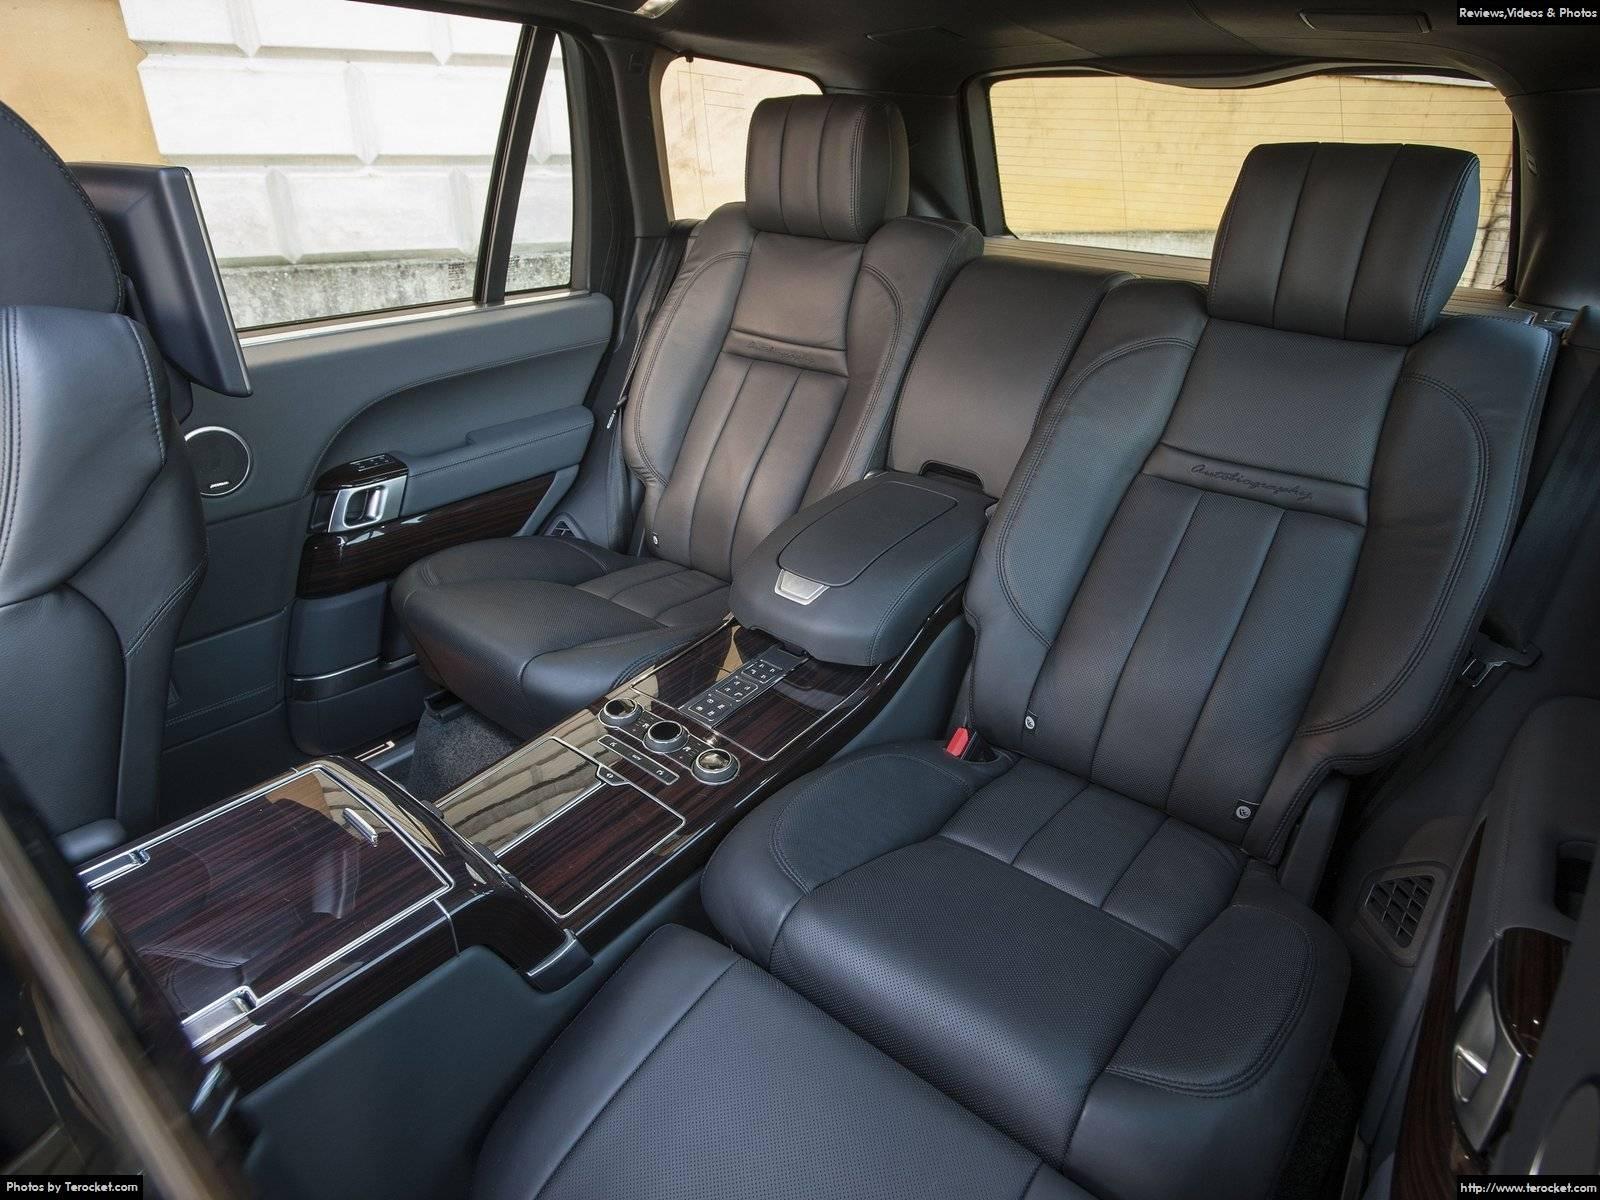 Hàng ghế thứ hai như khách sạn 5 sao, một cuộc sống tận hưởng ở trên chiếc xe này